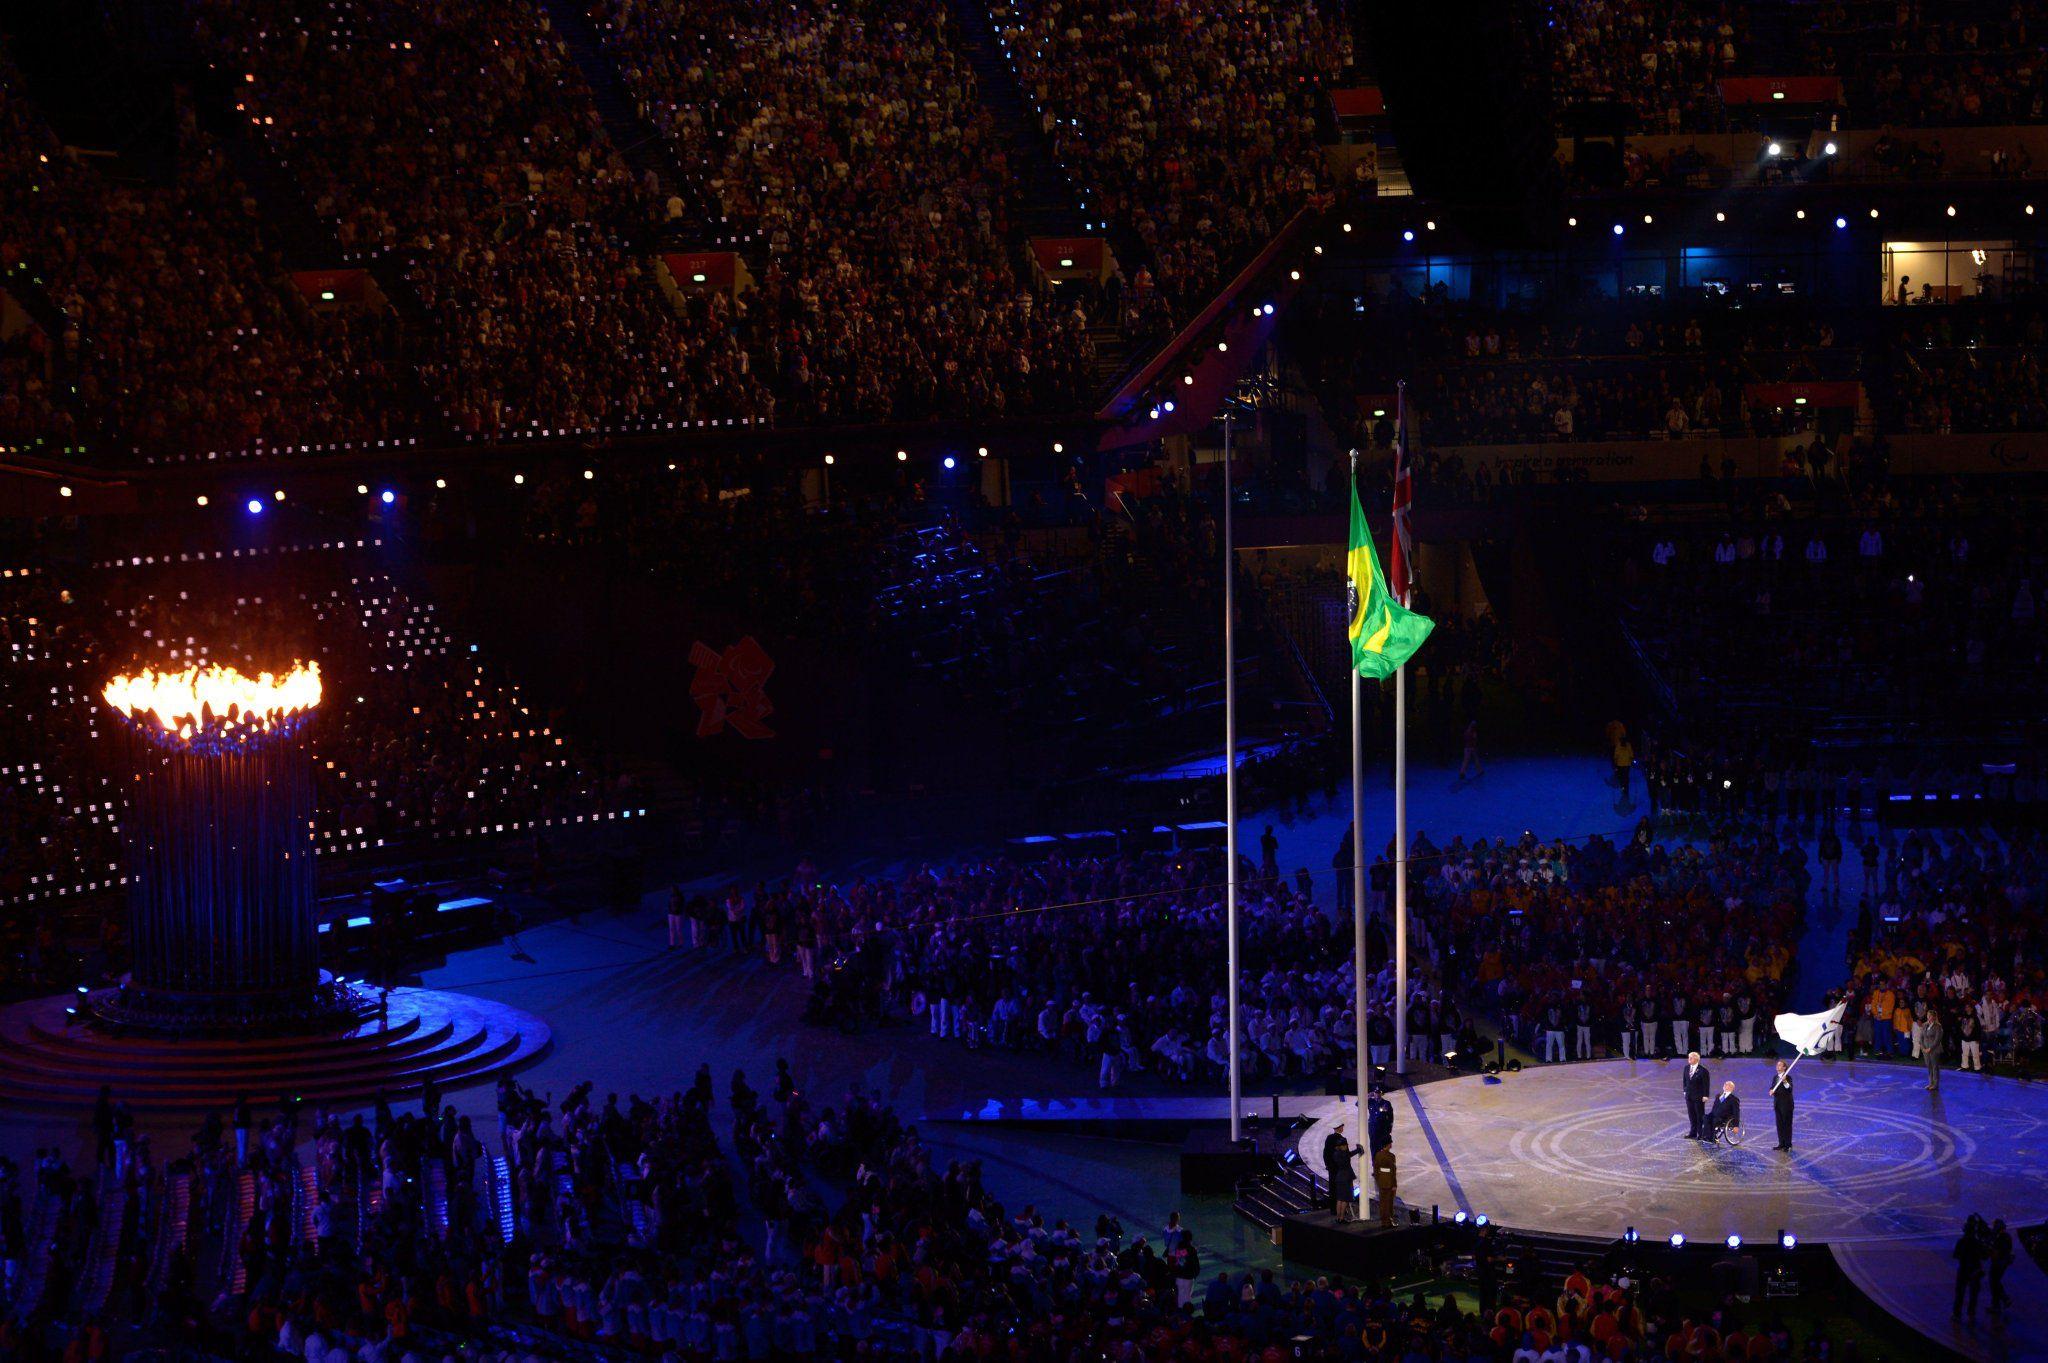 Há 4 anos, #Bra recebeu a bandeira Olímpica na #CerimôniaDeEncerramento #Londres2012  Hj: faltam menos de 4 horas!